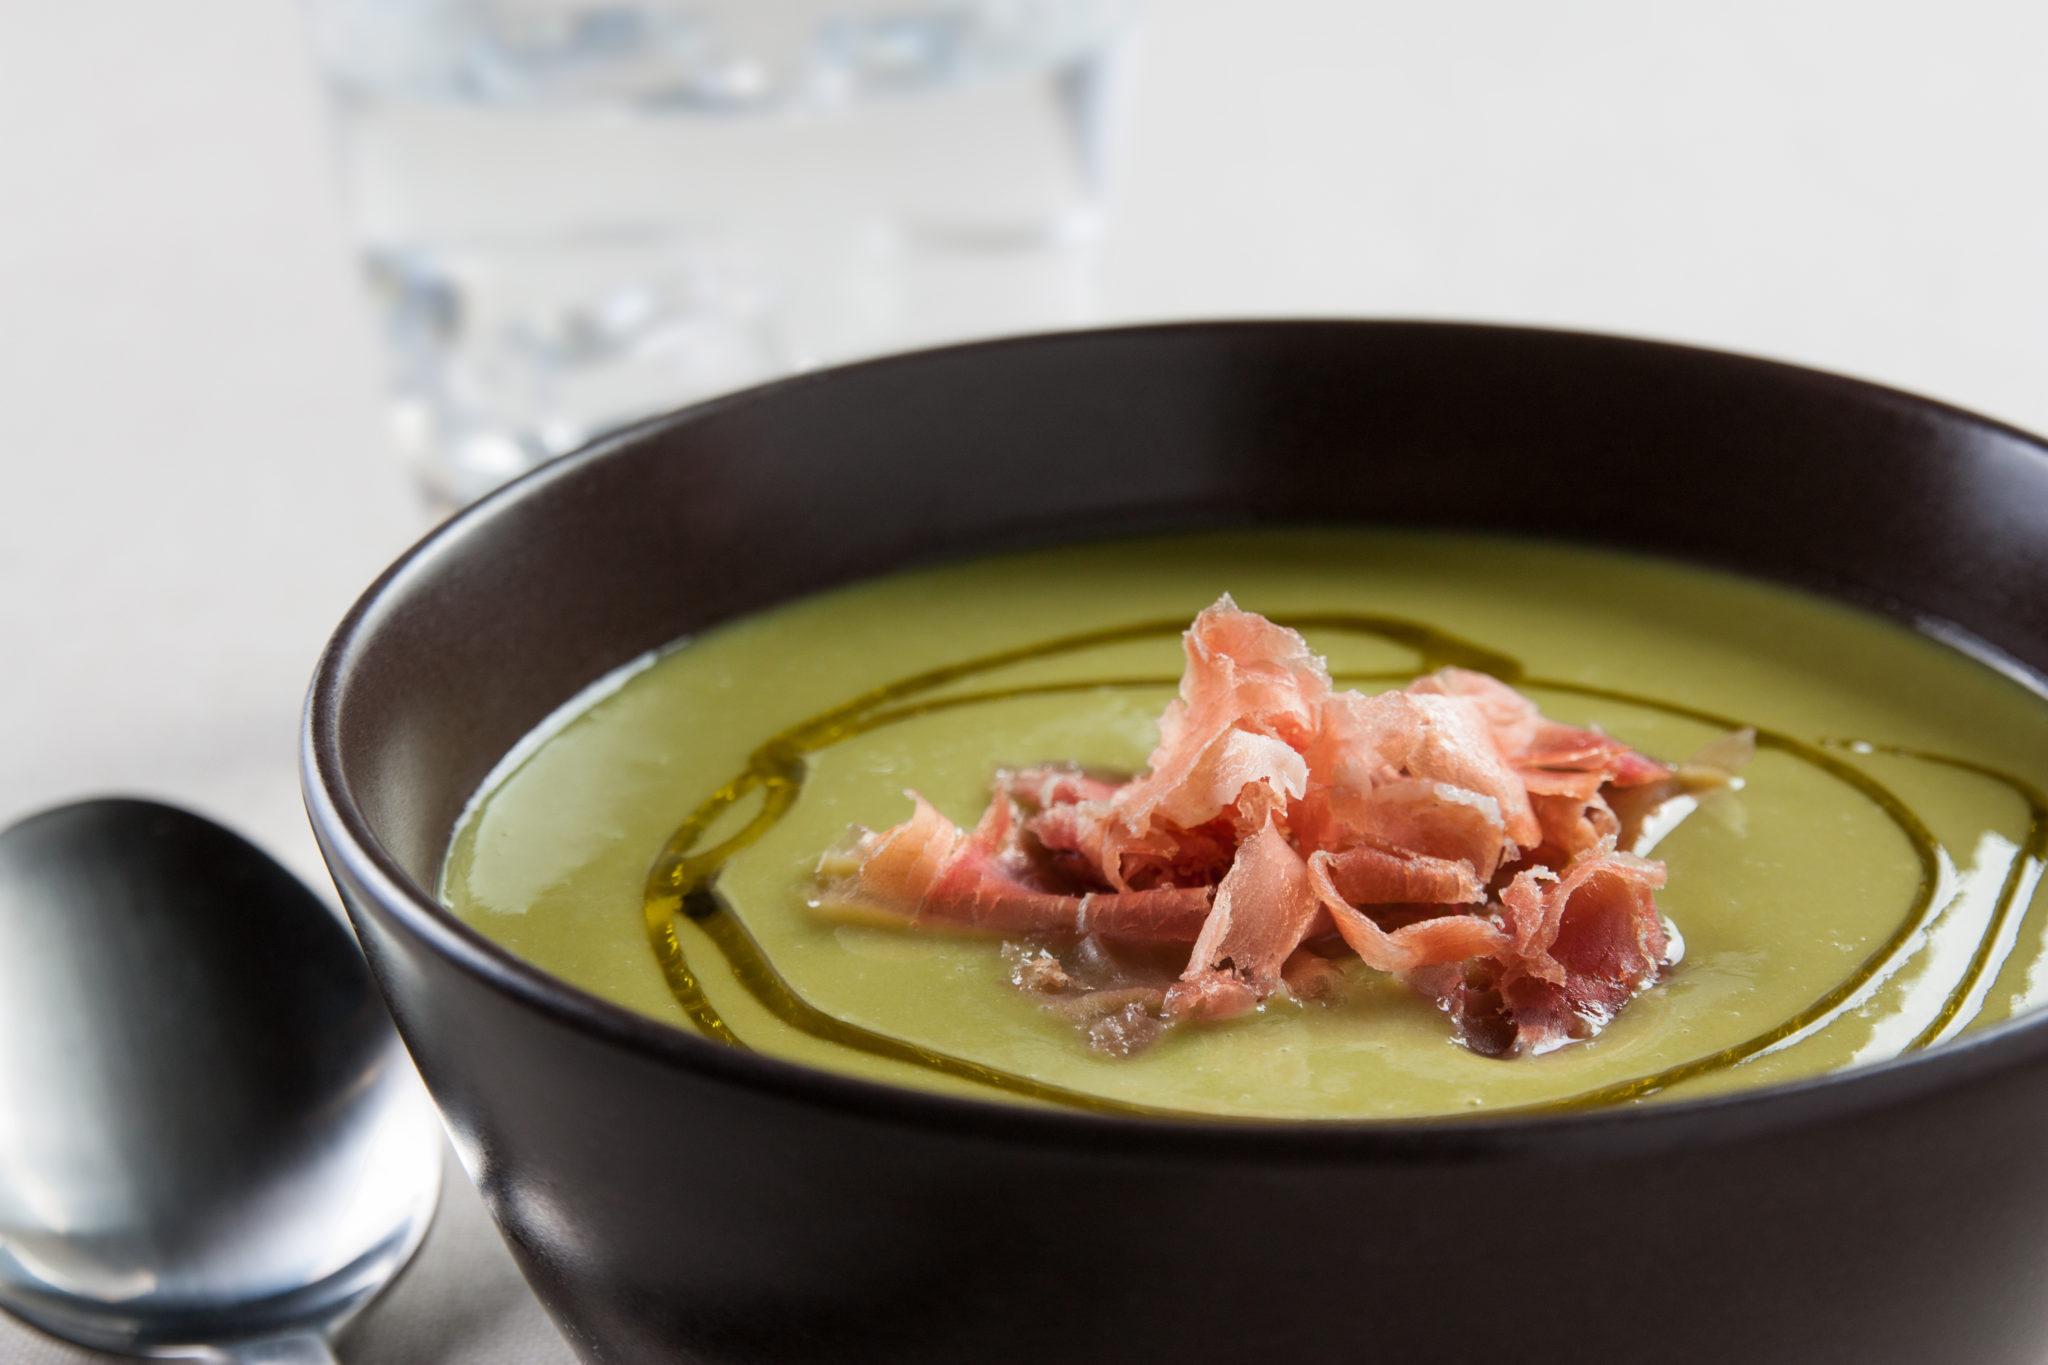 Plato de sopa de melón con jamón y aceite de oliva.